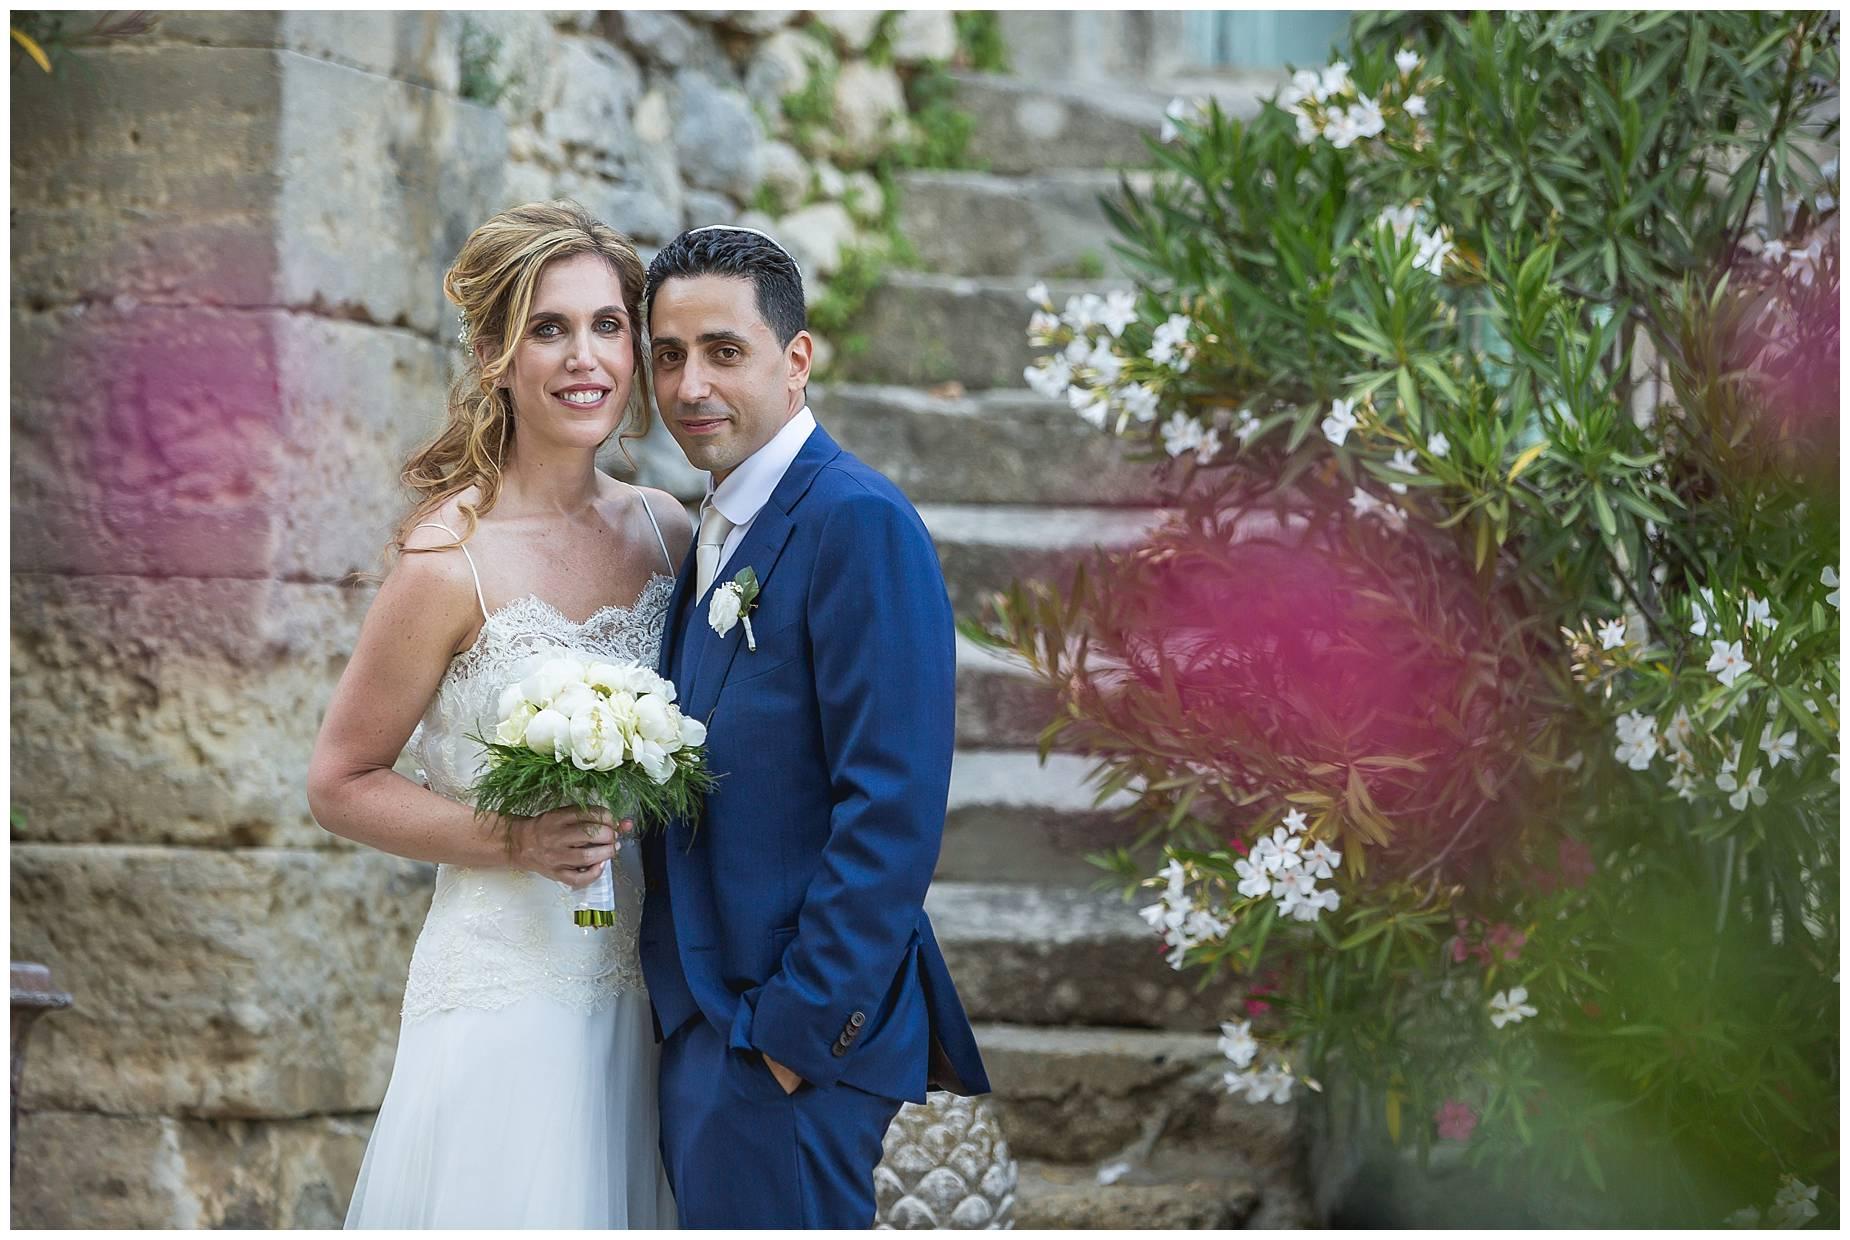 Chateau de Pouget wedding images